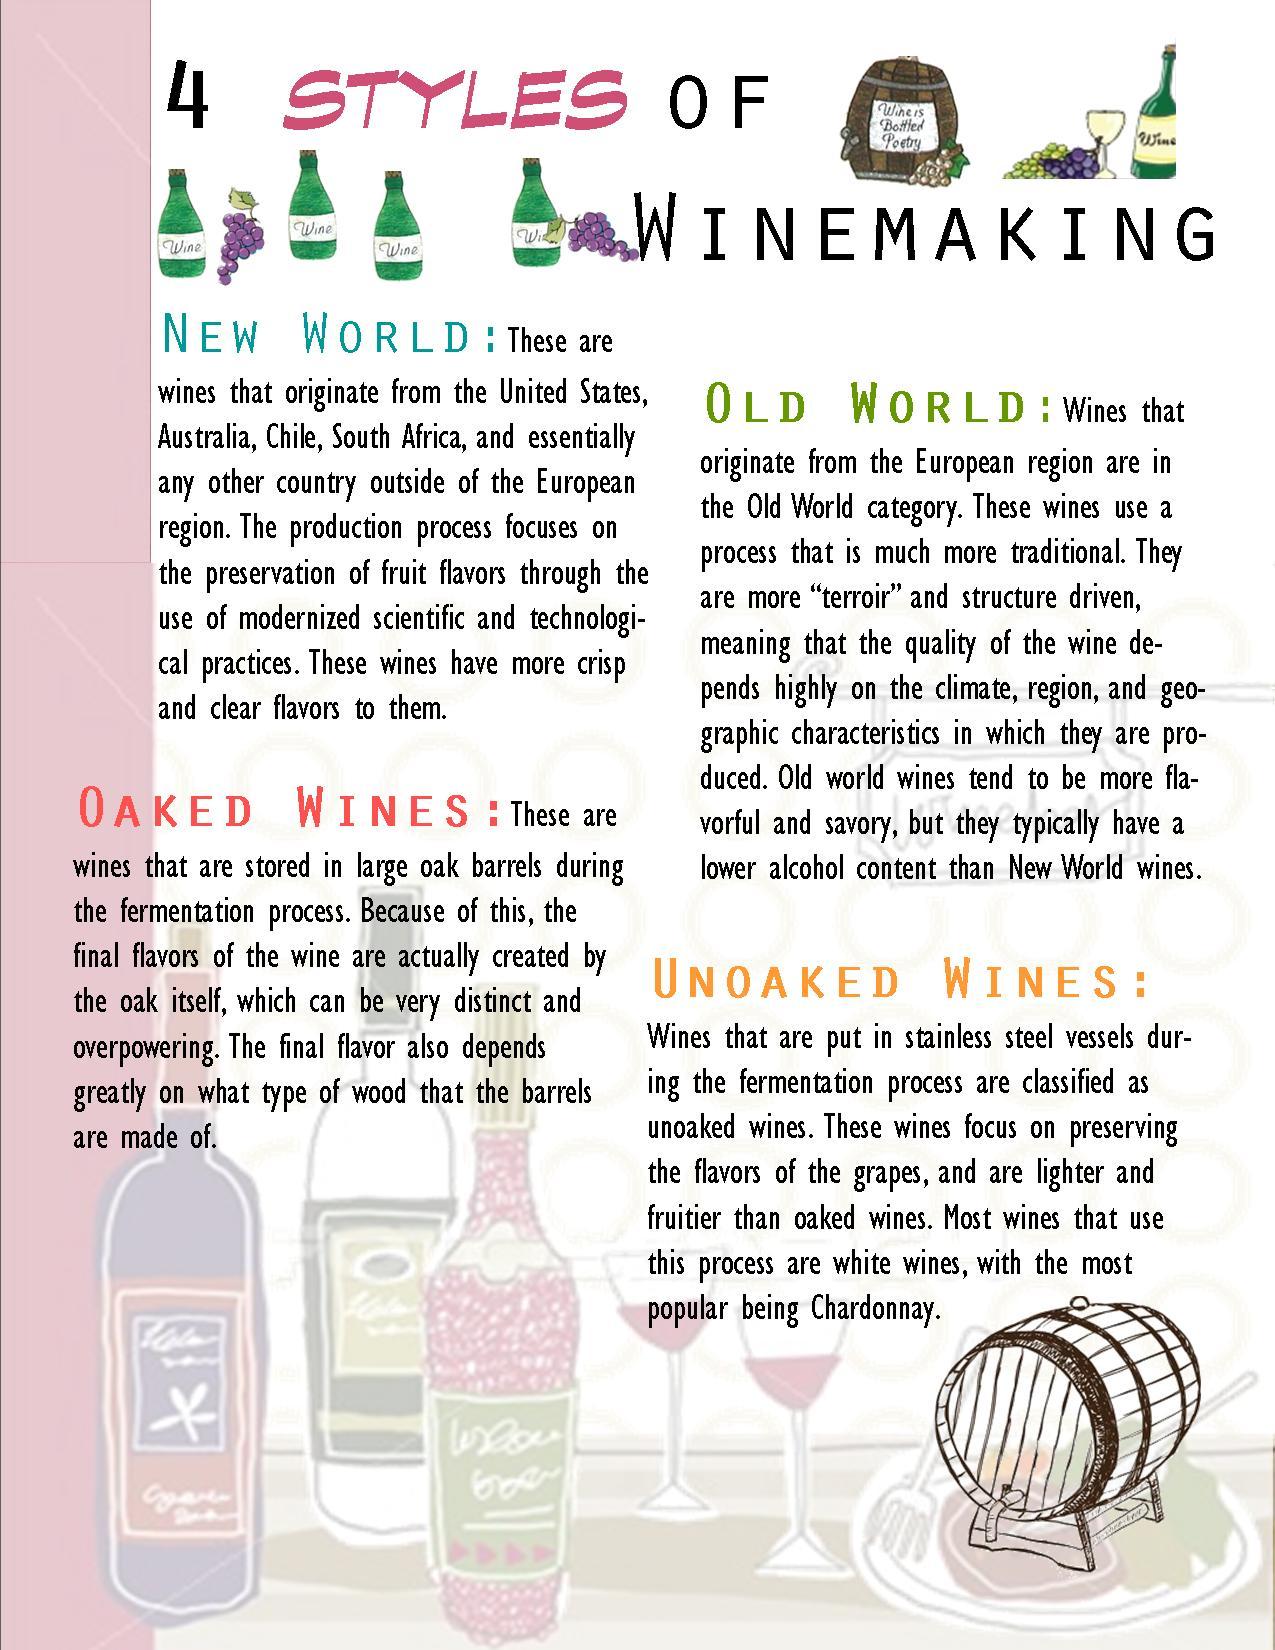 wine-display-4-styles.jpg